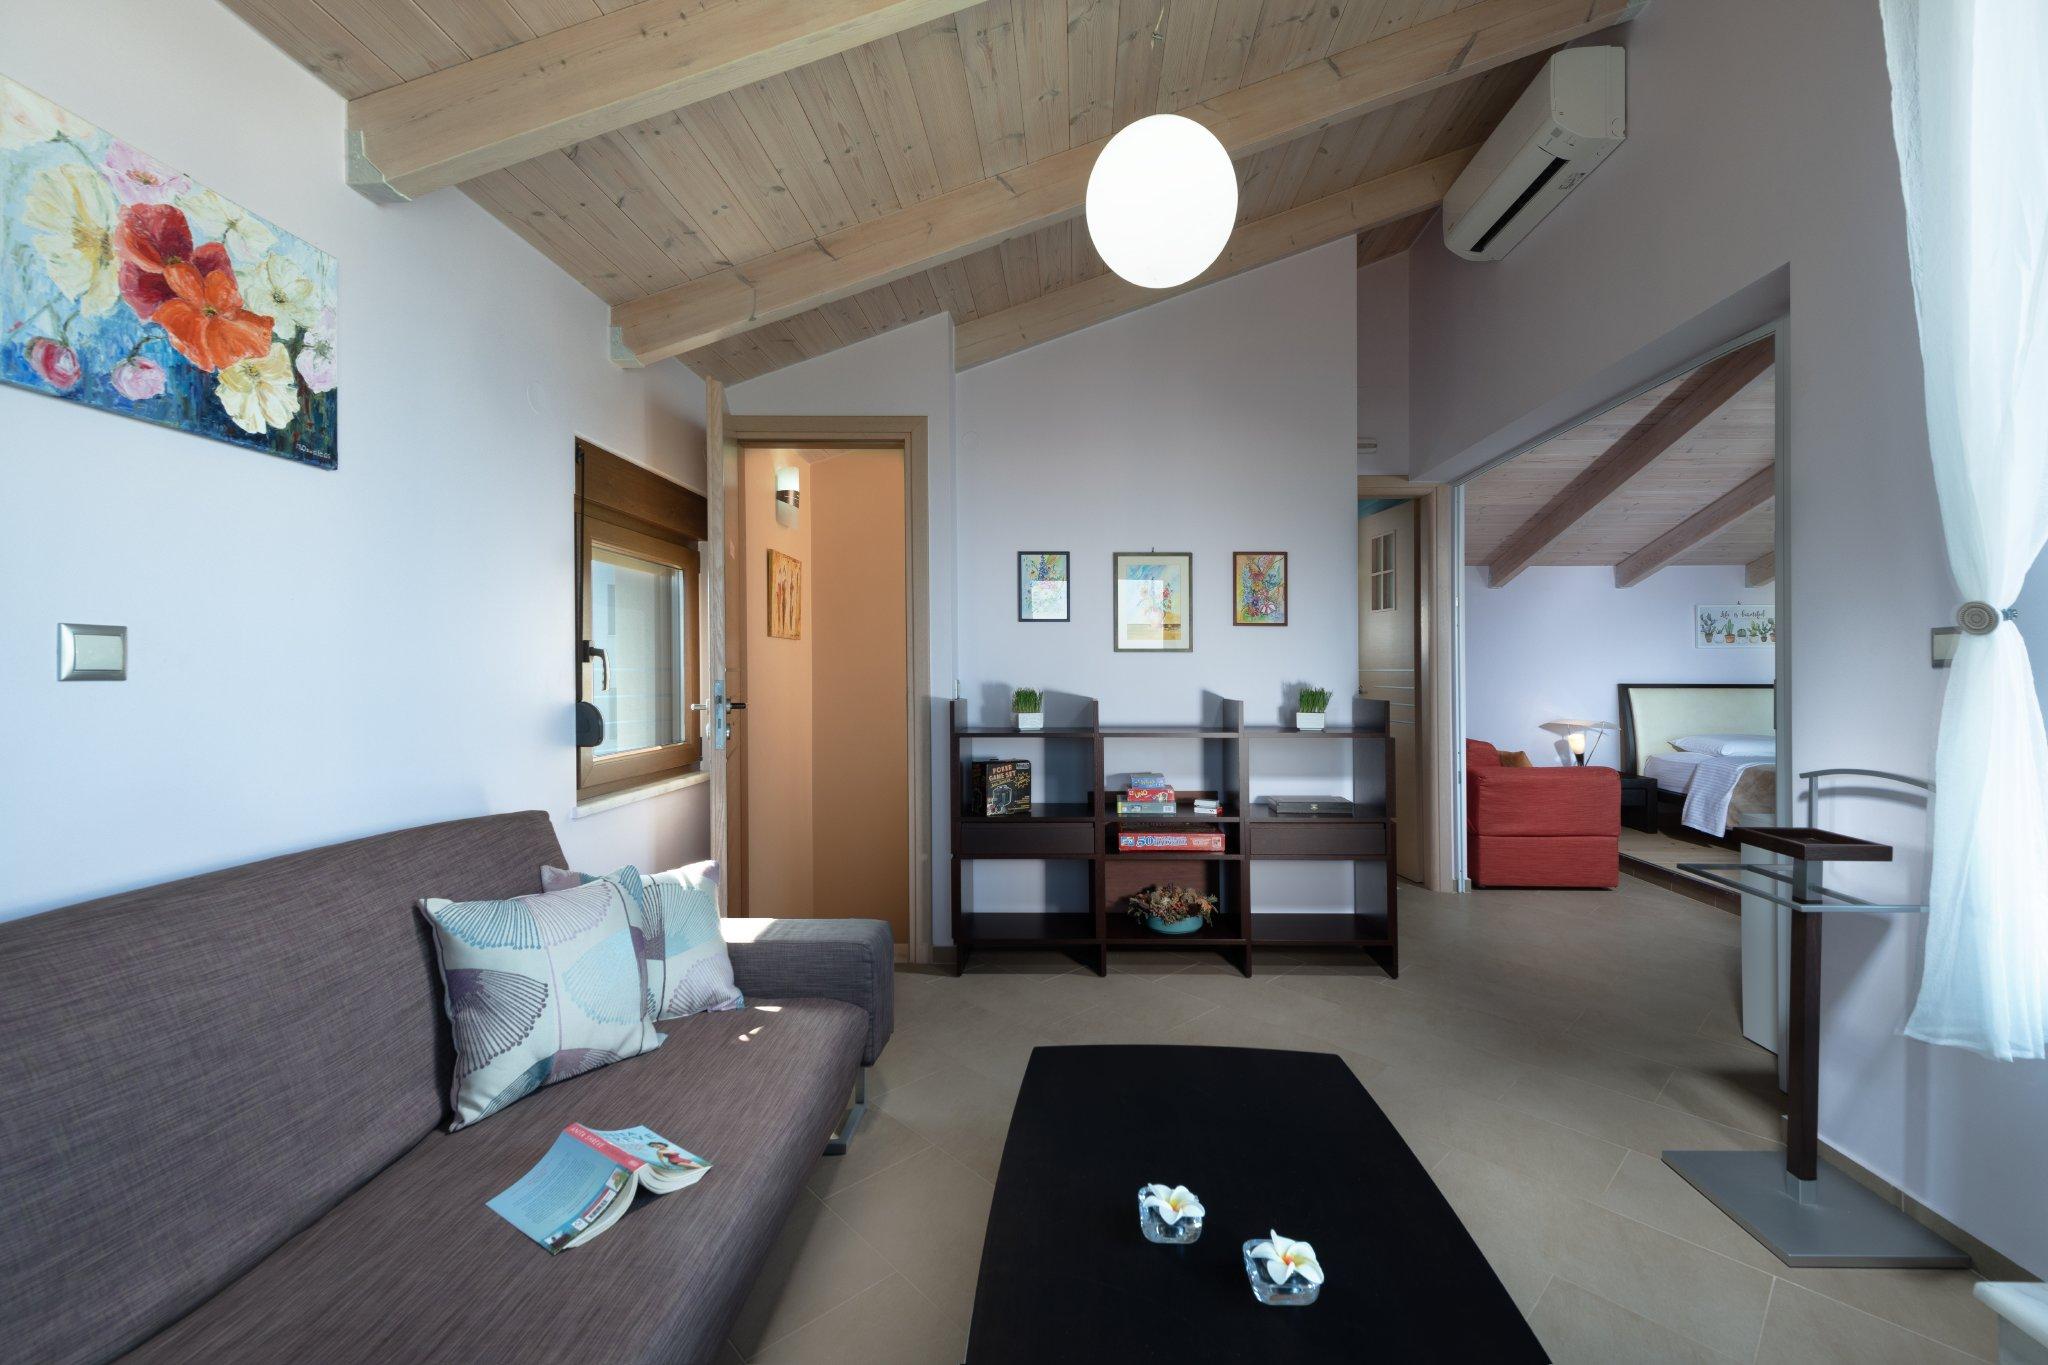 Wohn- und Schlafzimmer obere Etage